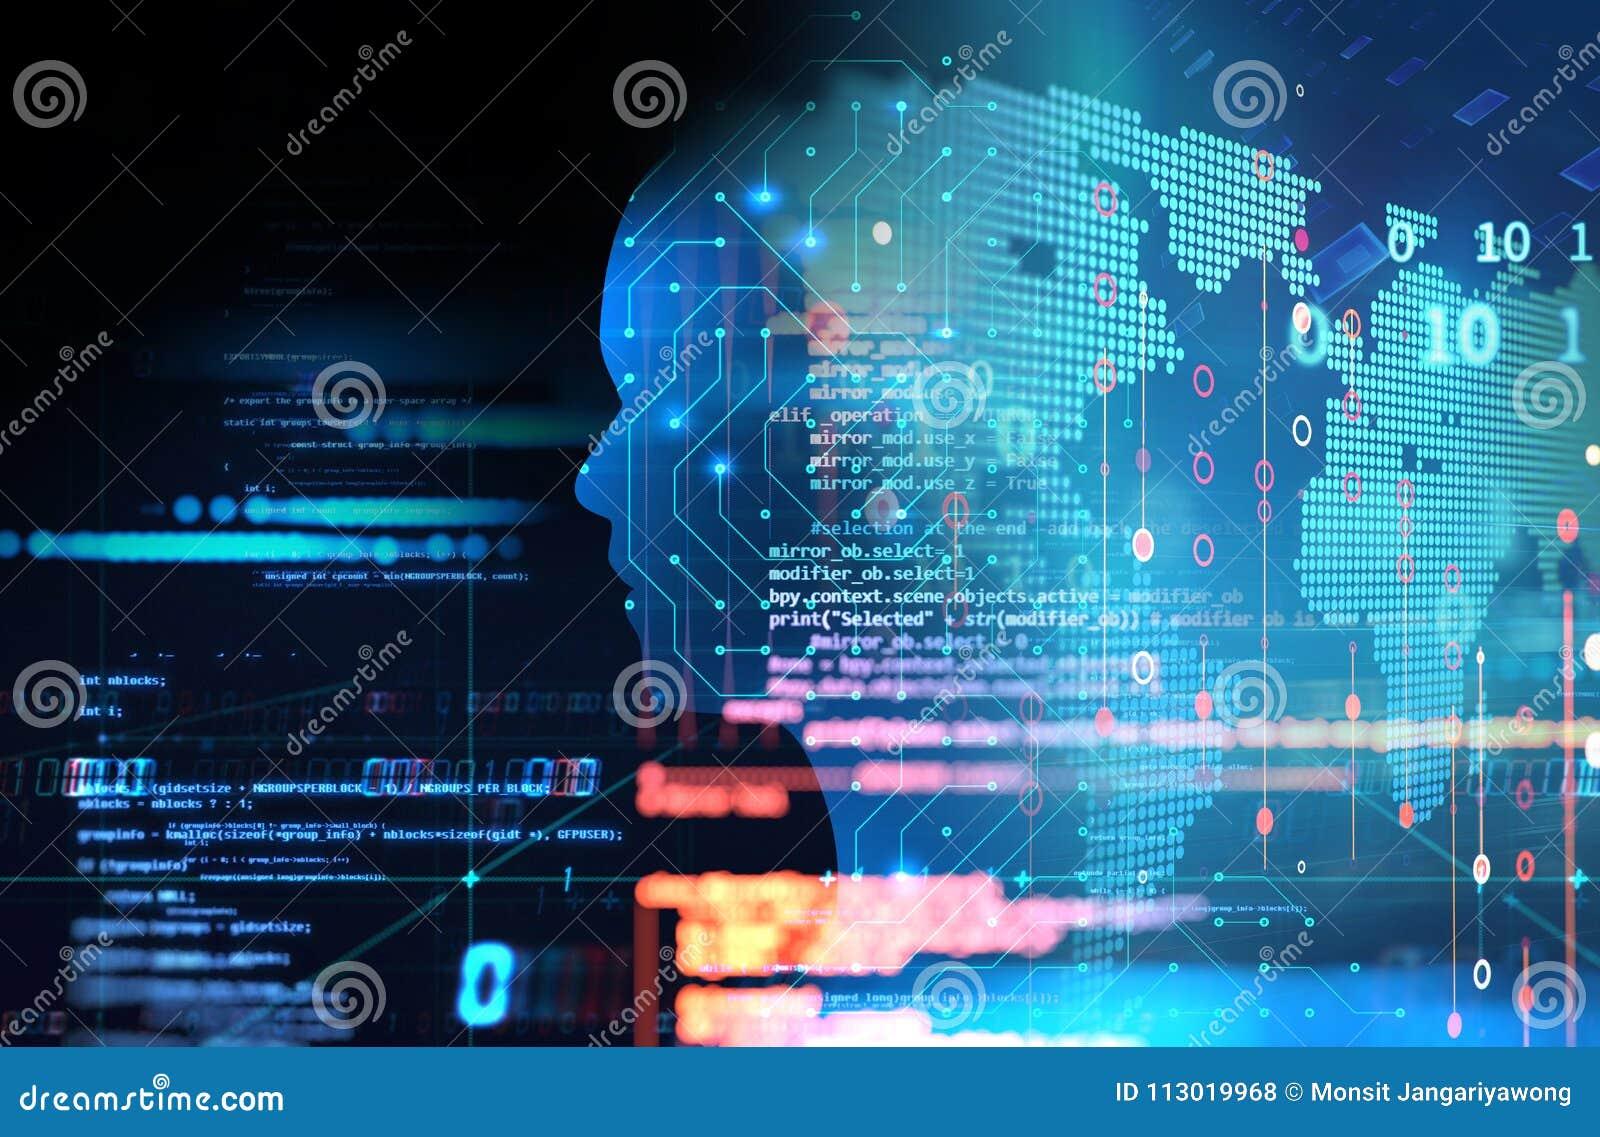 Circuito Virtual : Ilustración de mano robótica tocar circuito digital con el dedo